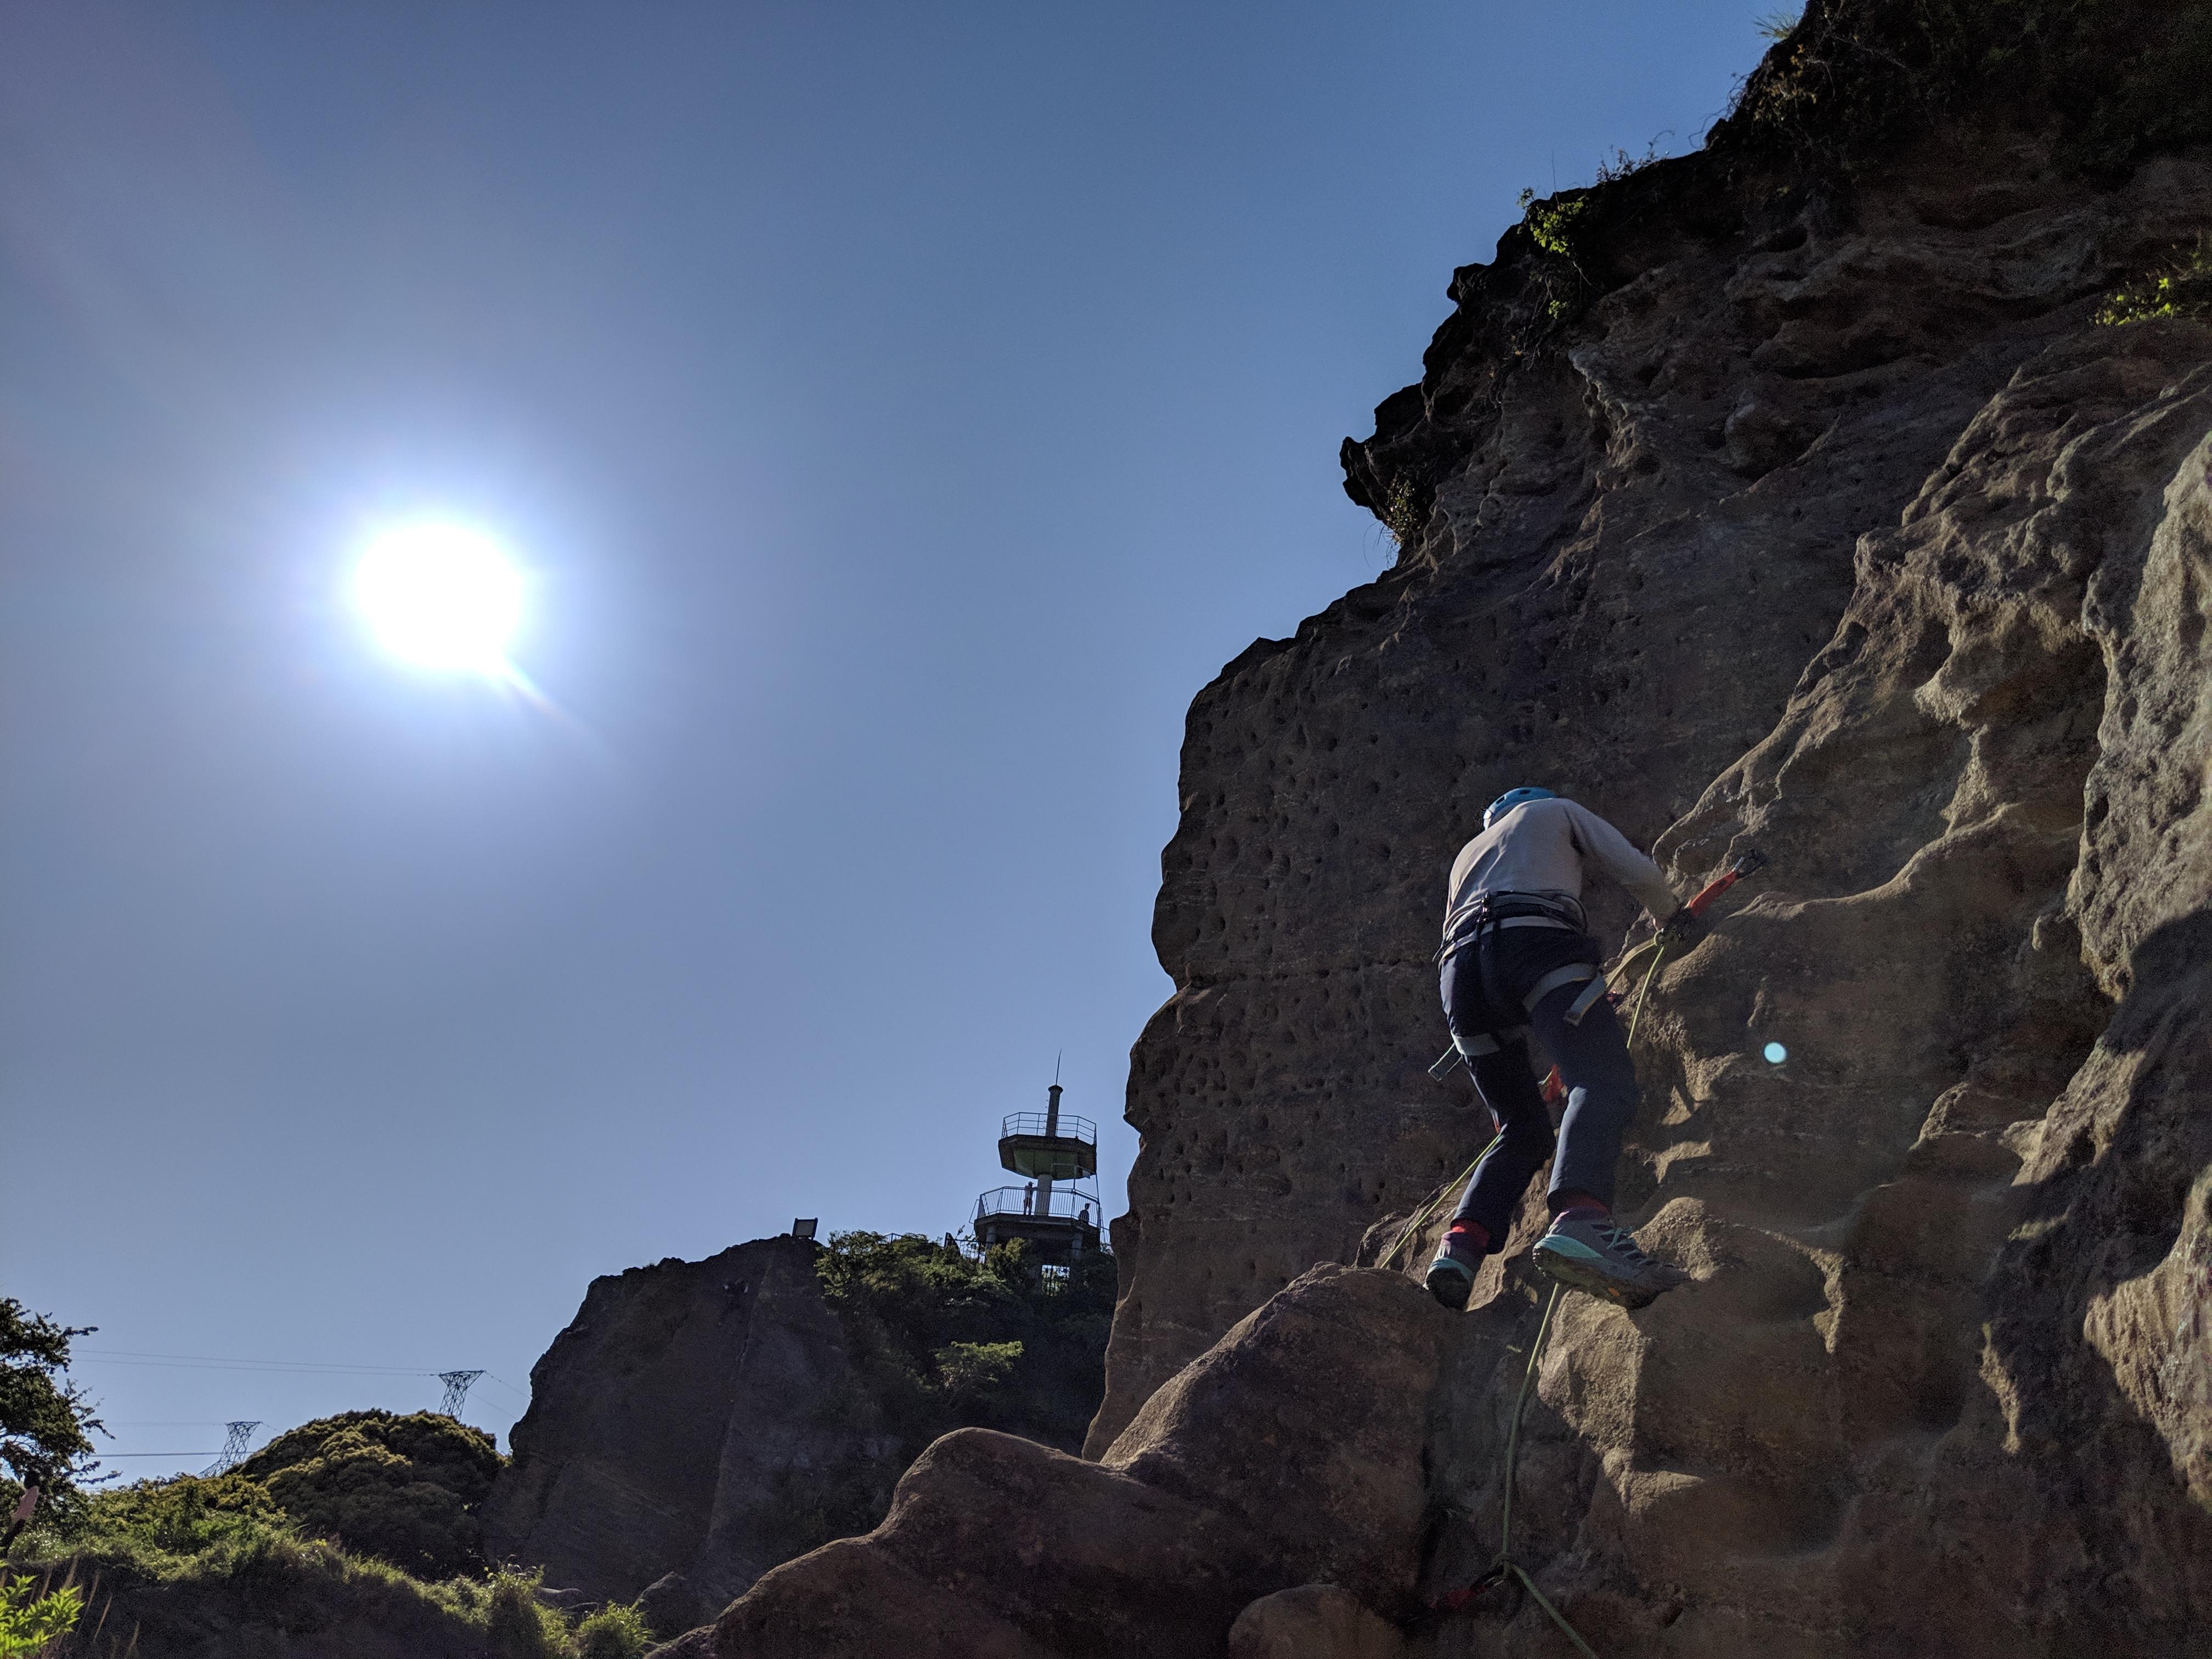 【キャンセル待ち】2020.4.18 山の講習会 ≪フィールドトレーニング≫F4 岩場・鎖場通過 鷹取山